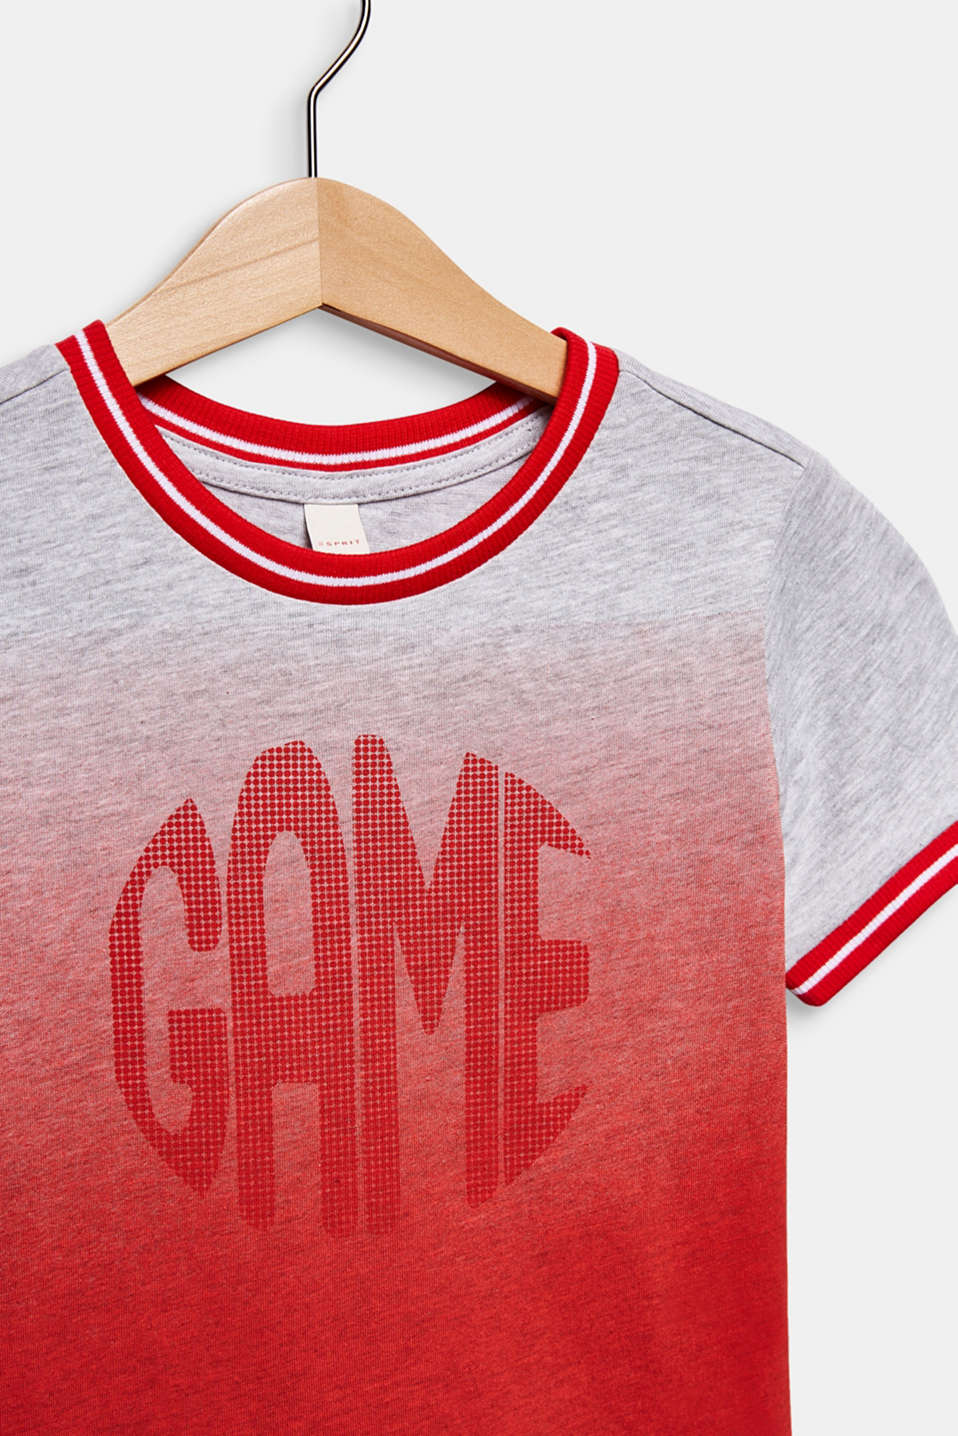 Colour graduation T-shirt, cotton blend, RED, detail image number 2